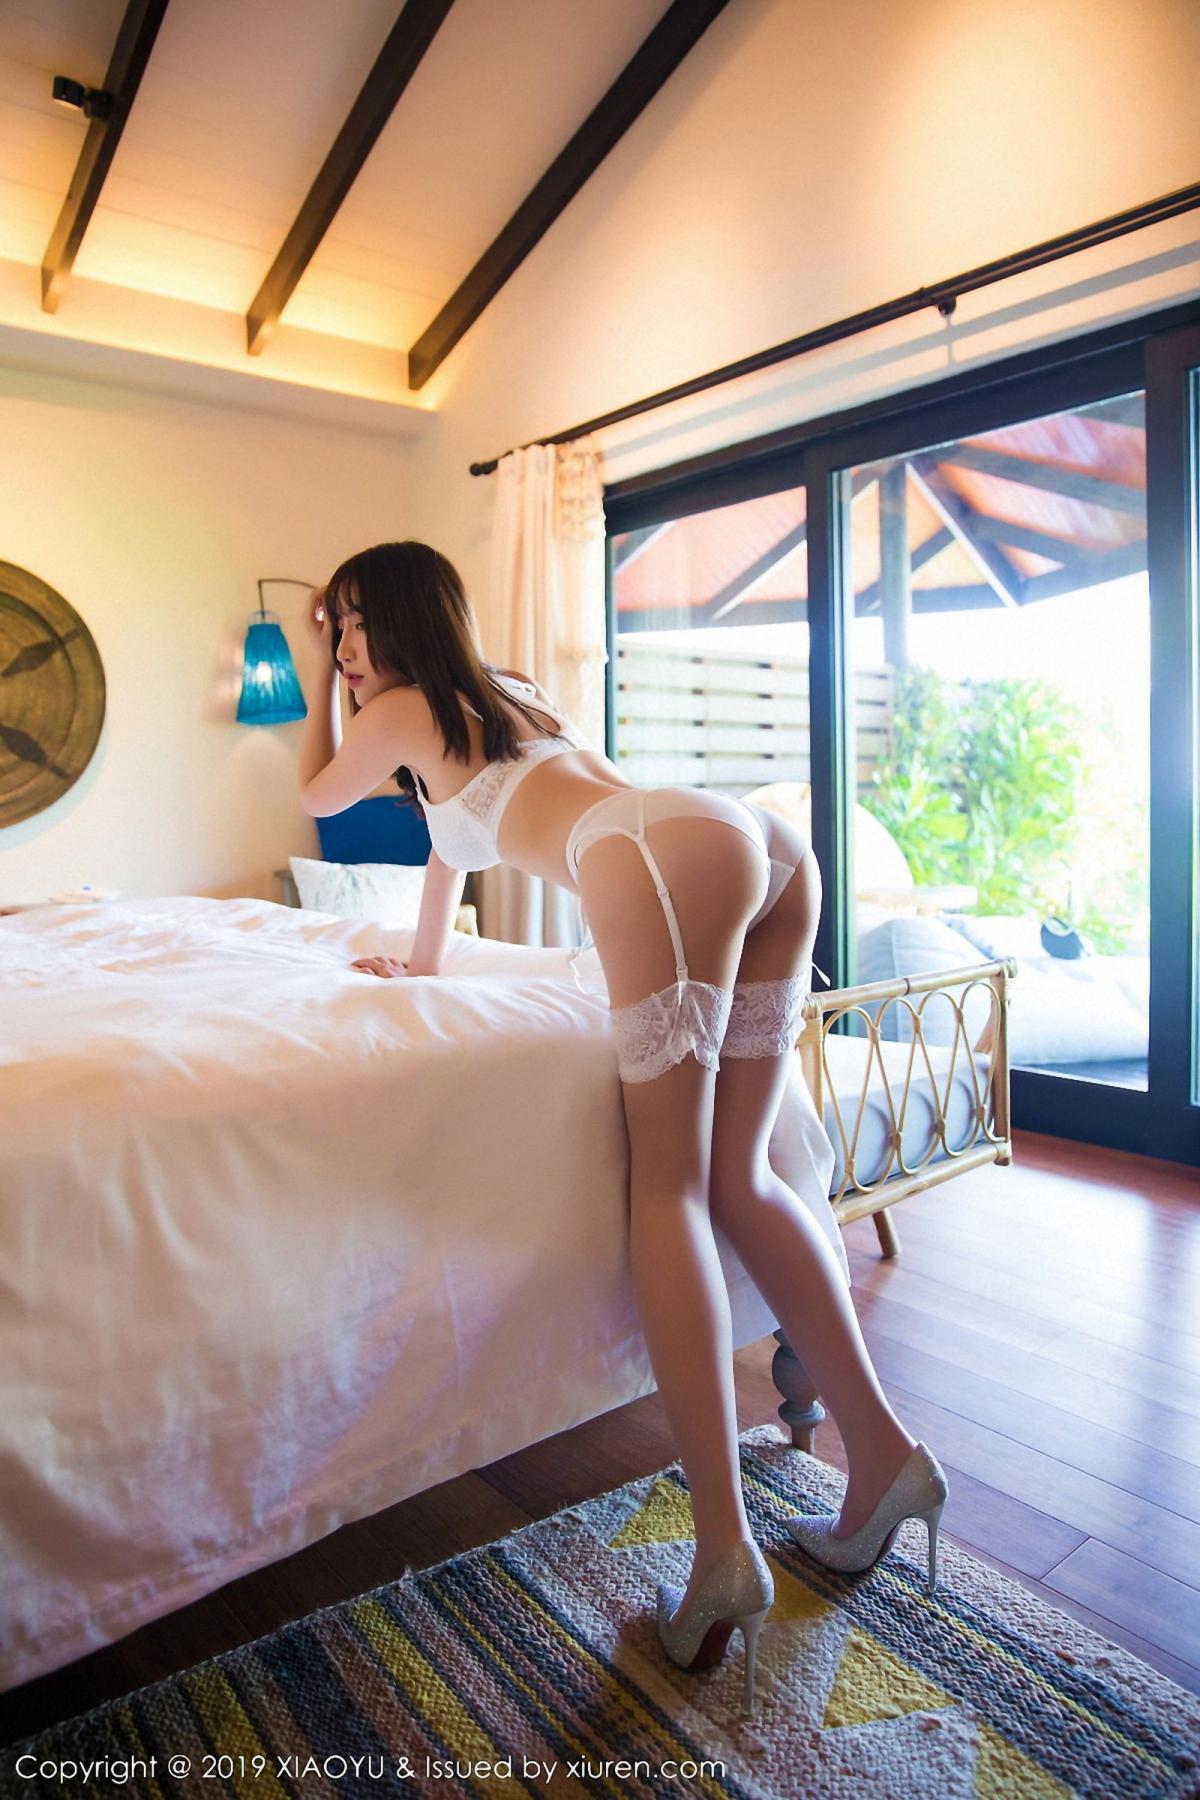 [XiaoYu] Vol.027 Xie Zhi Xin 33P, Bathroom, Underwear, XiaoYu, Xie Zhi Xin